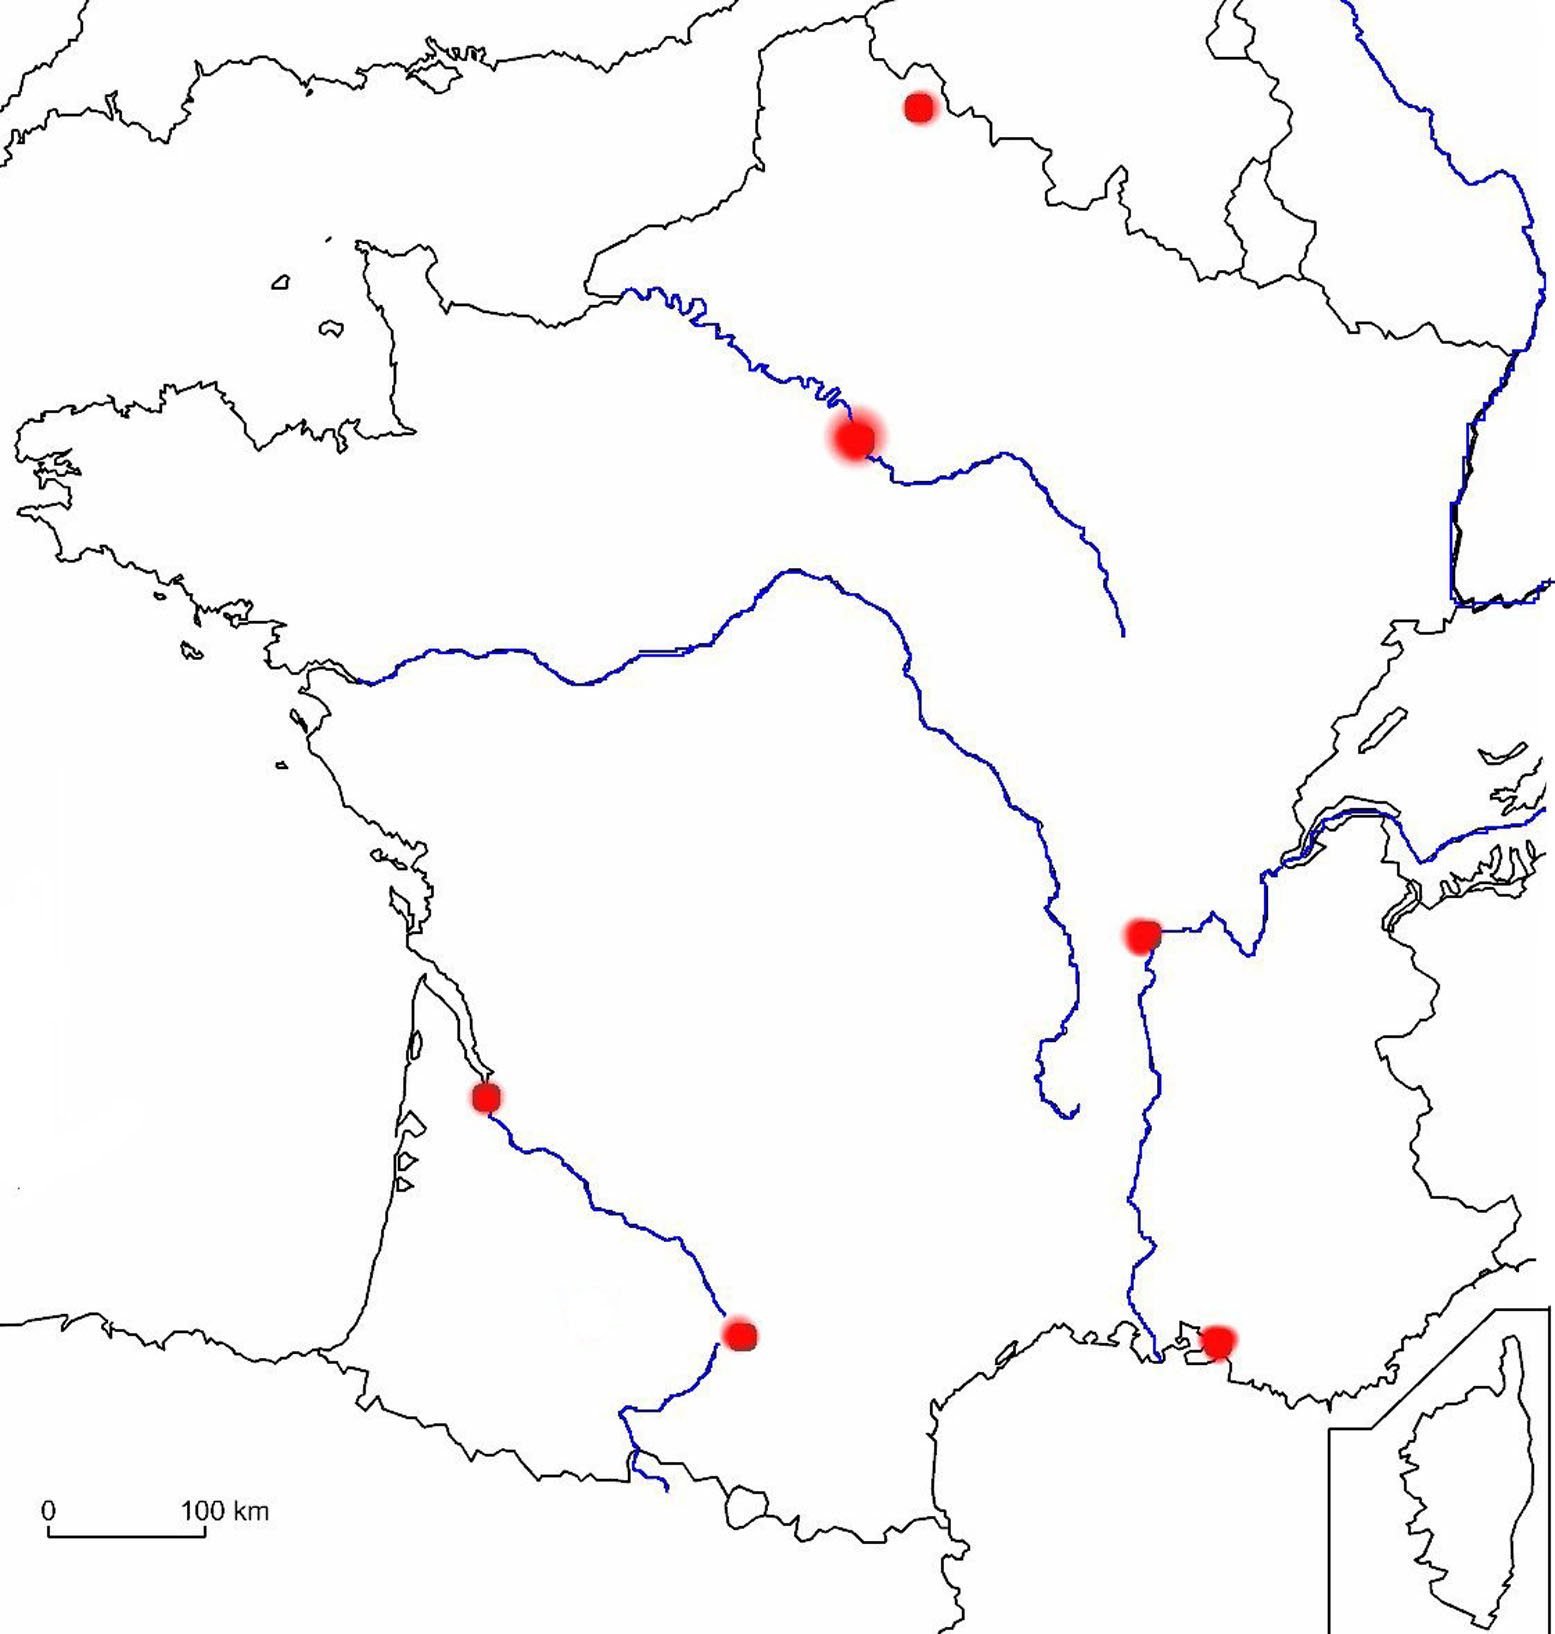 Carte Des Fleuves De France Ce2 | My Blog destiné Carte Des Fleuves En France